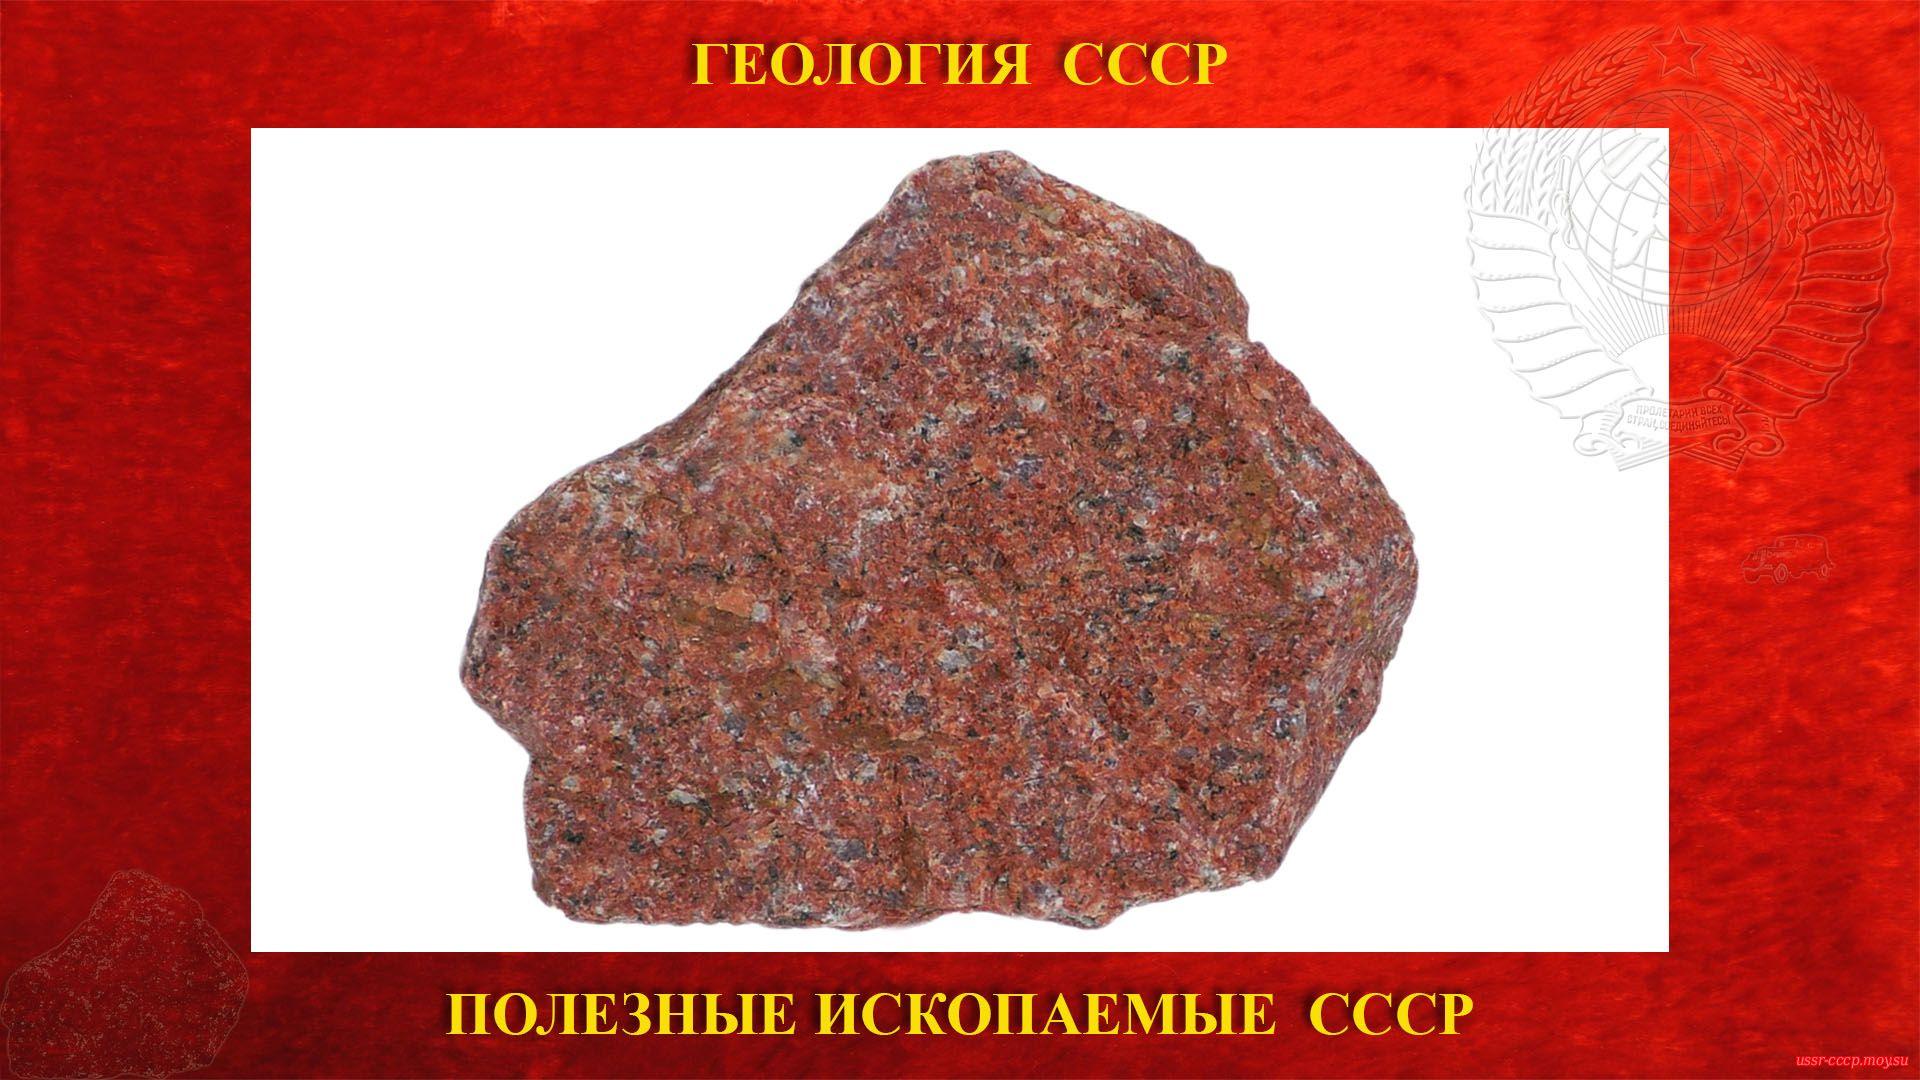 Красный гранит — Полезное ископаемое СССР